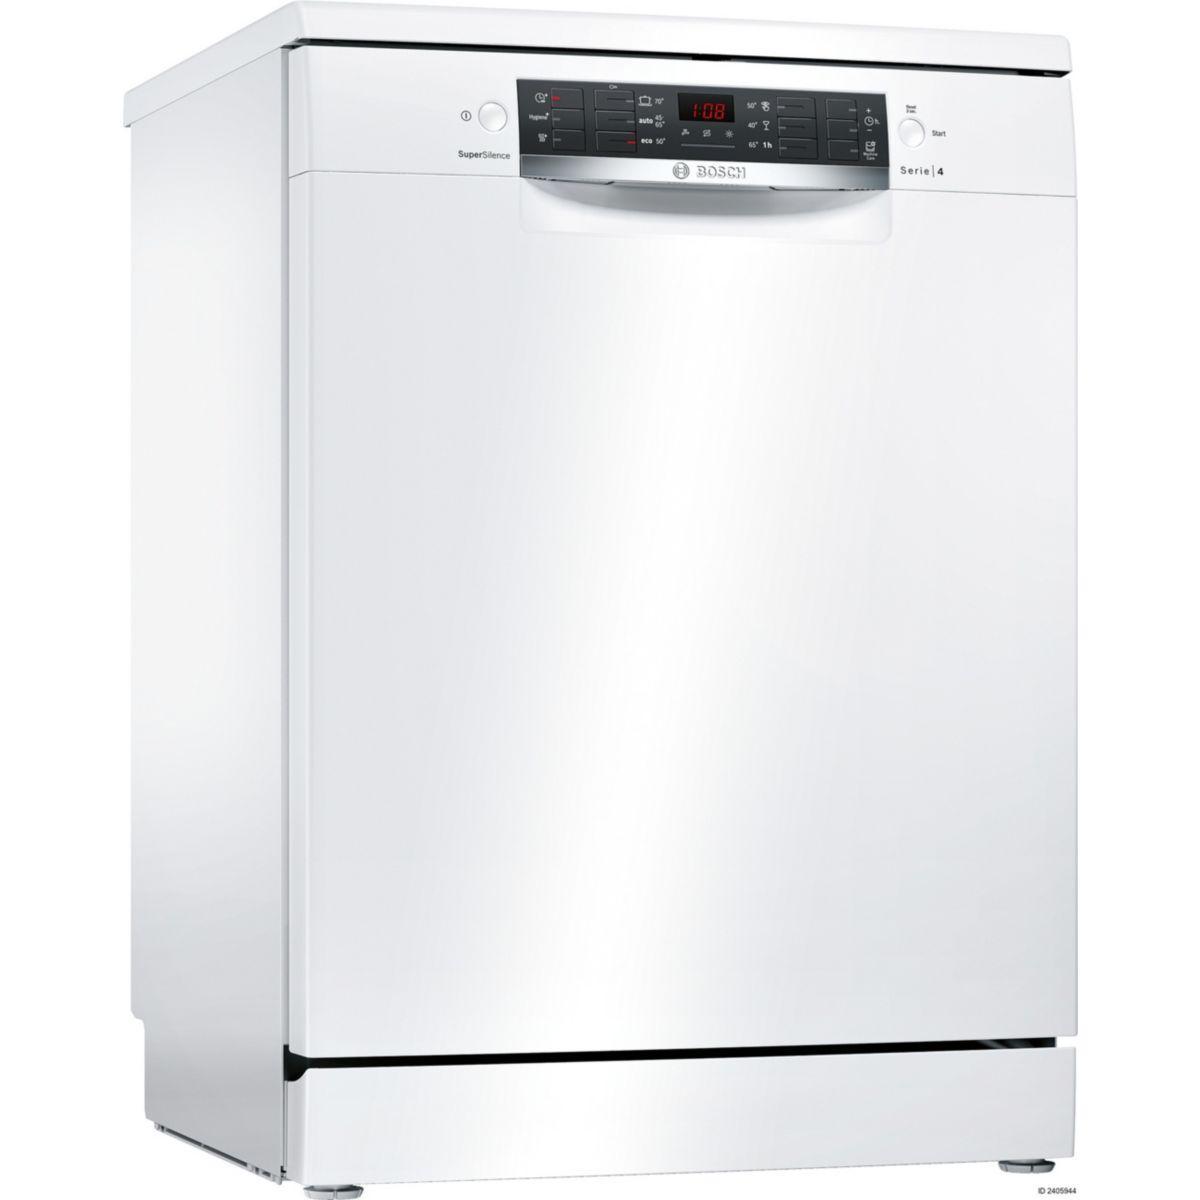 Lave vaisselle 60 cm bosch sms46iw20e - livraison offerte : code premium